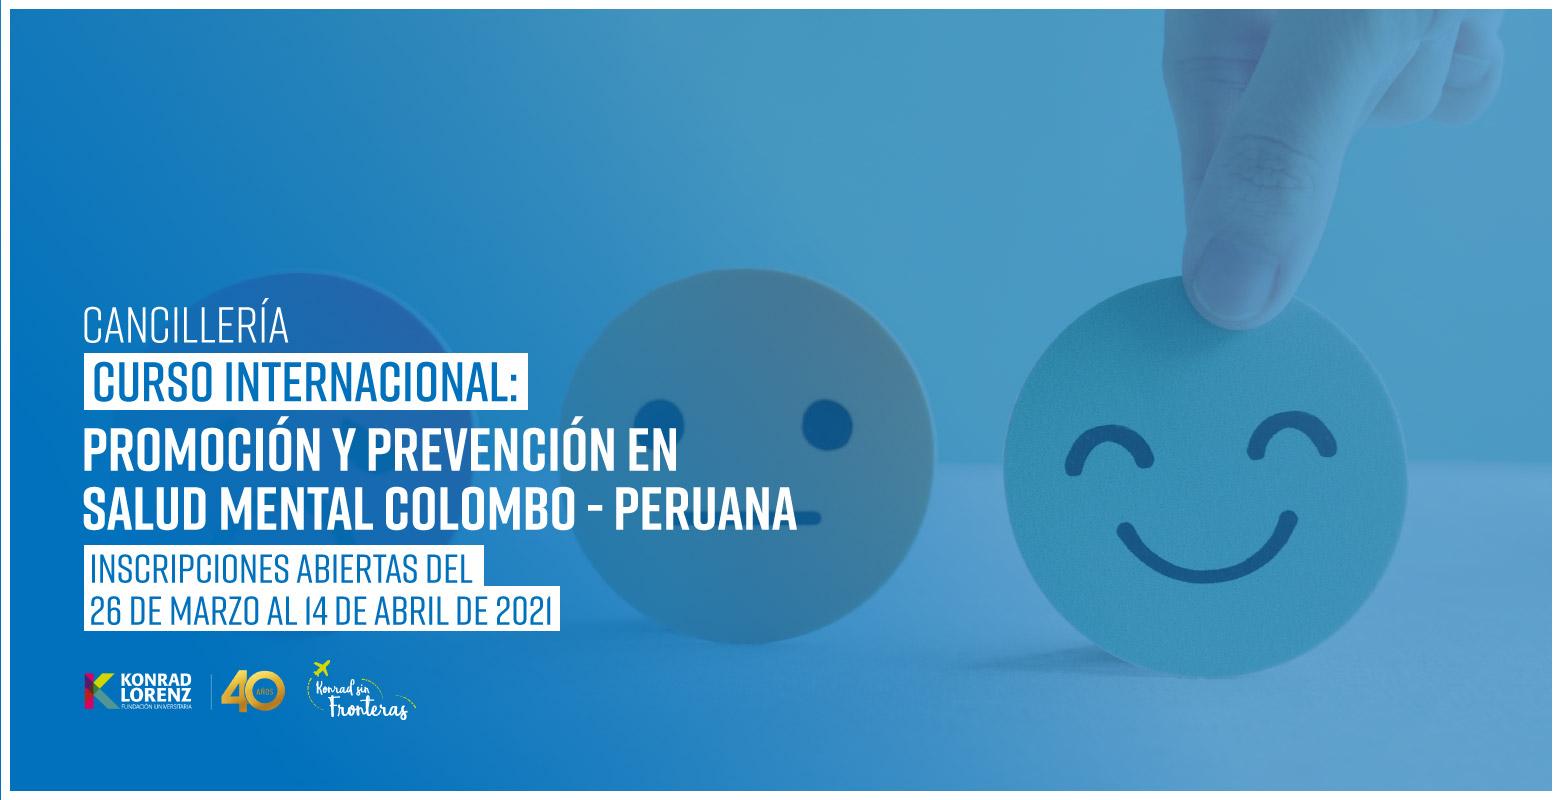 Curso Internacional: Promoción y Prevención en Salud Mental Colombo - Peruana